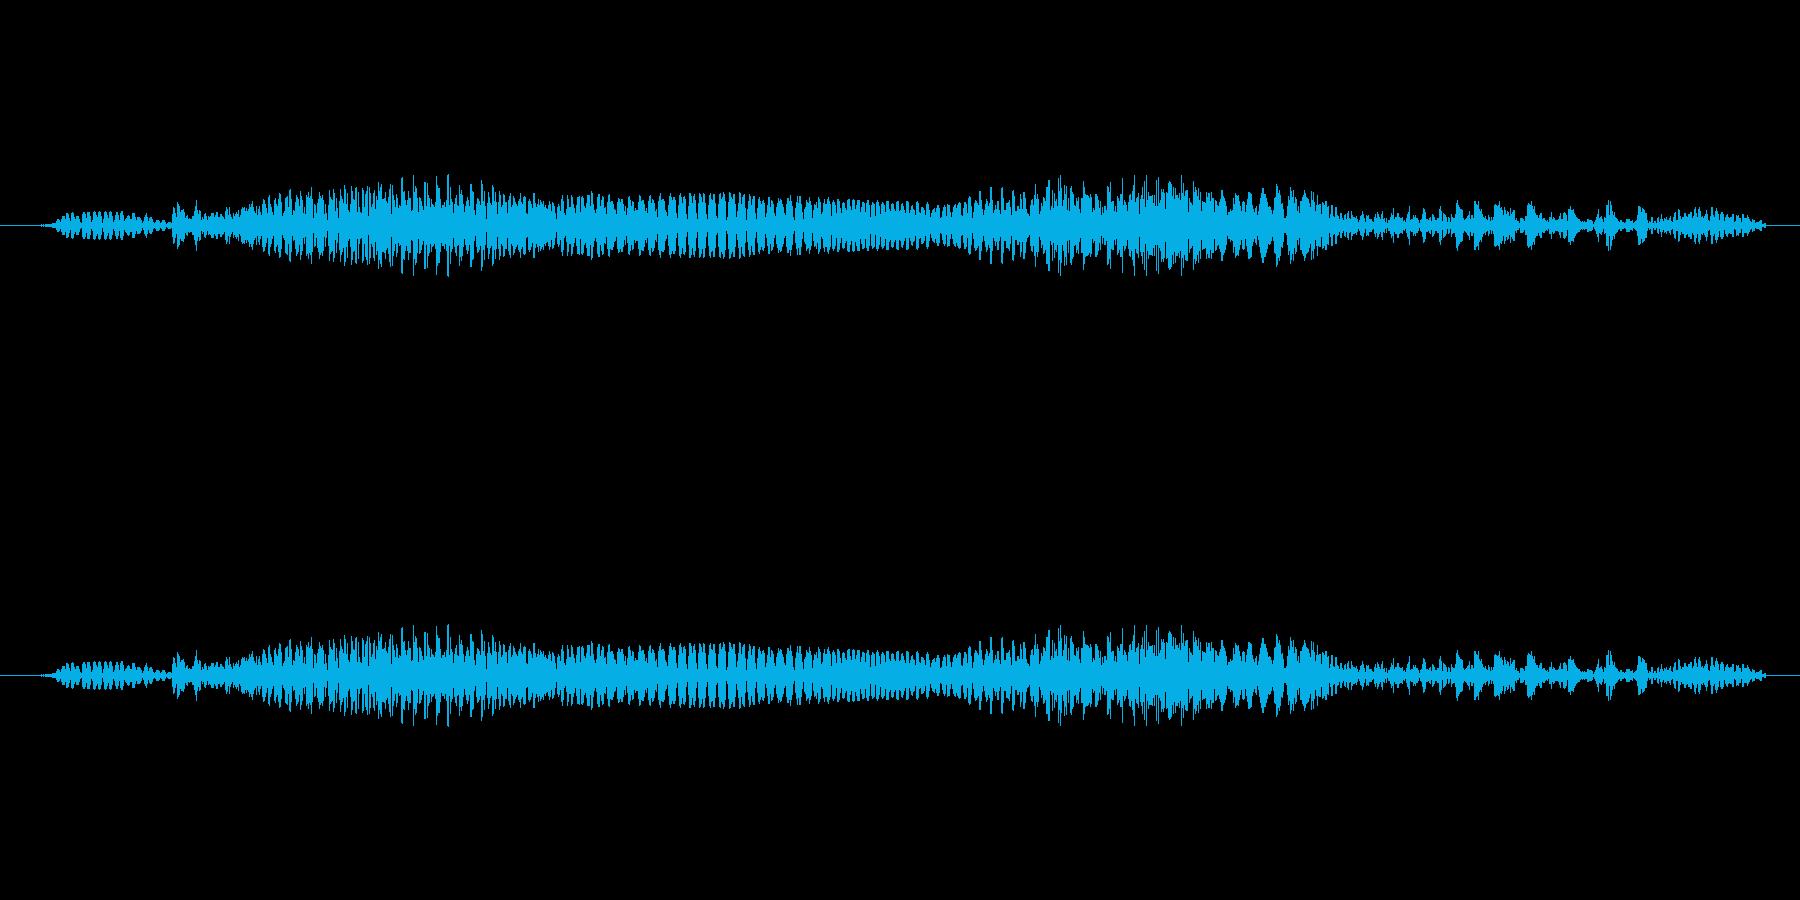 男声「GameOver」重め歪みの再生済みの波形